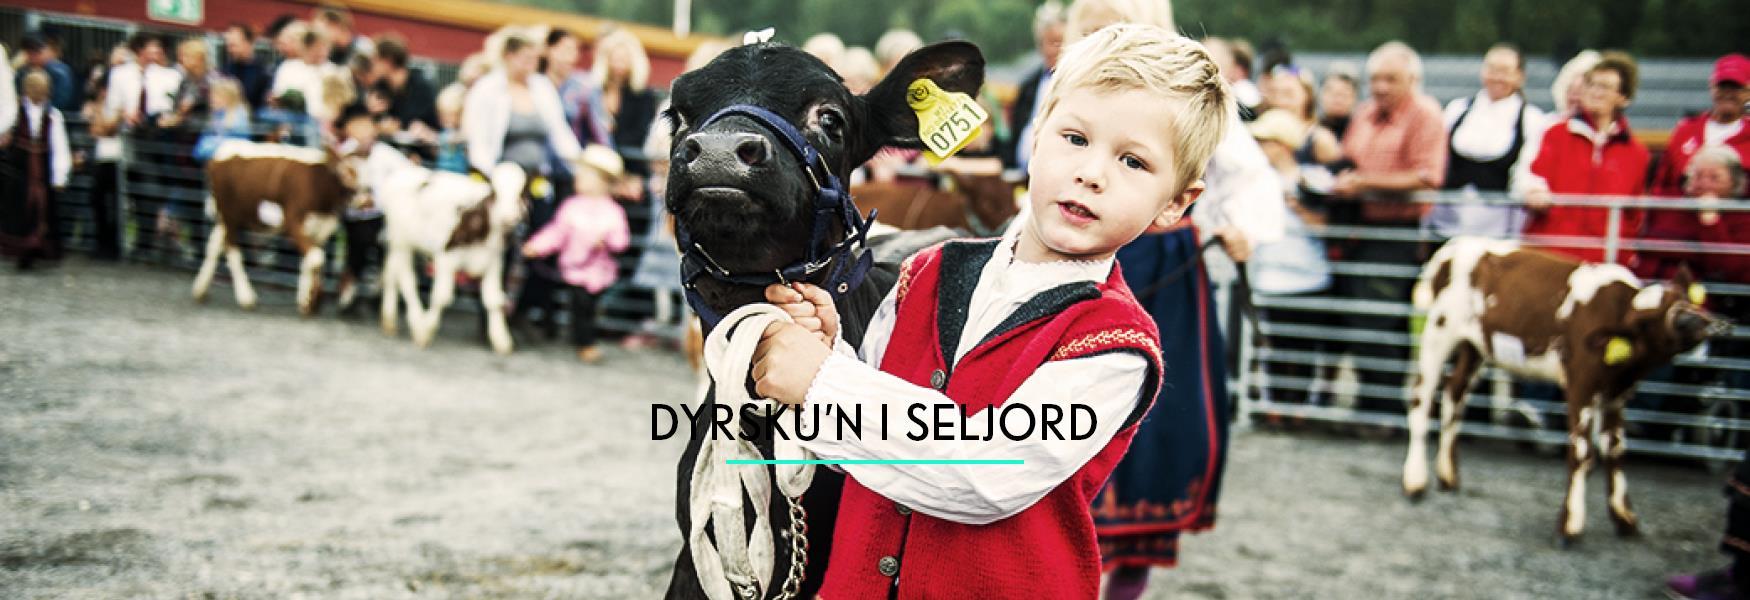 Dyrsku'n festival at Seljord